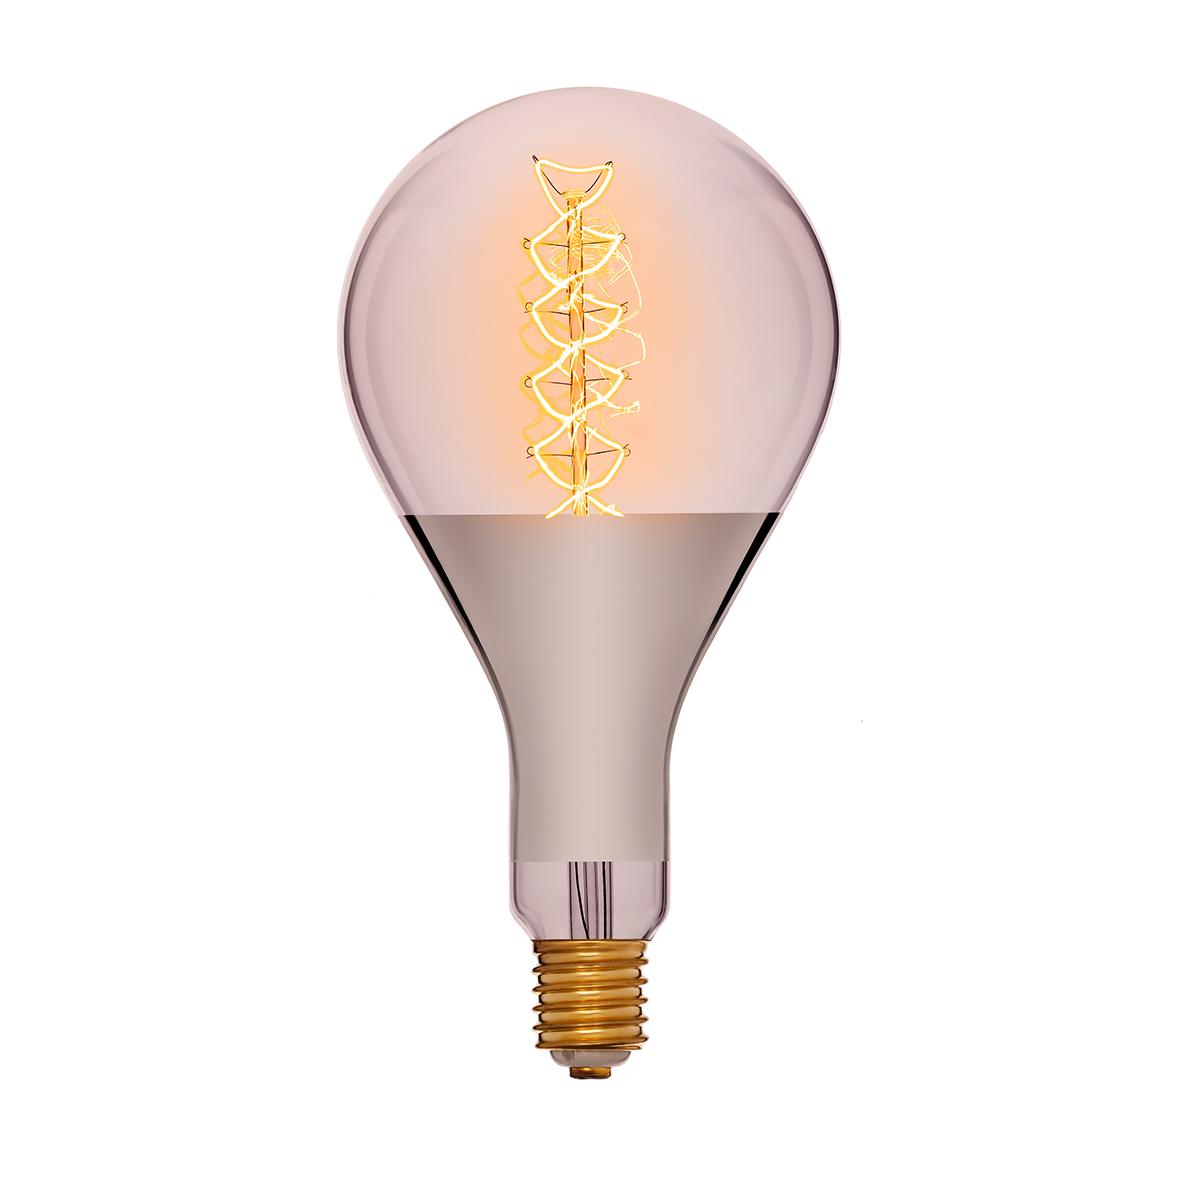 Лампа накаливания PS 160R-F5 - вид 2